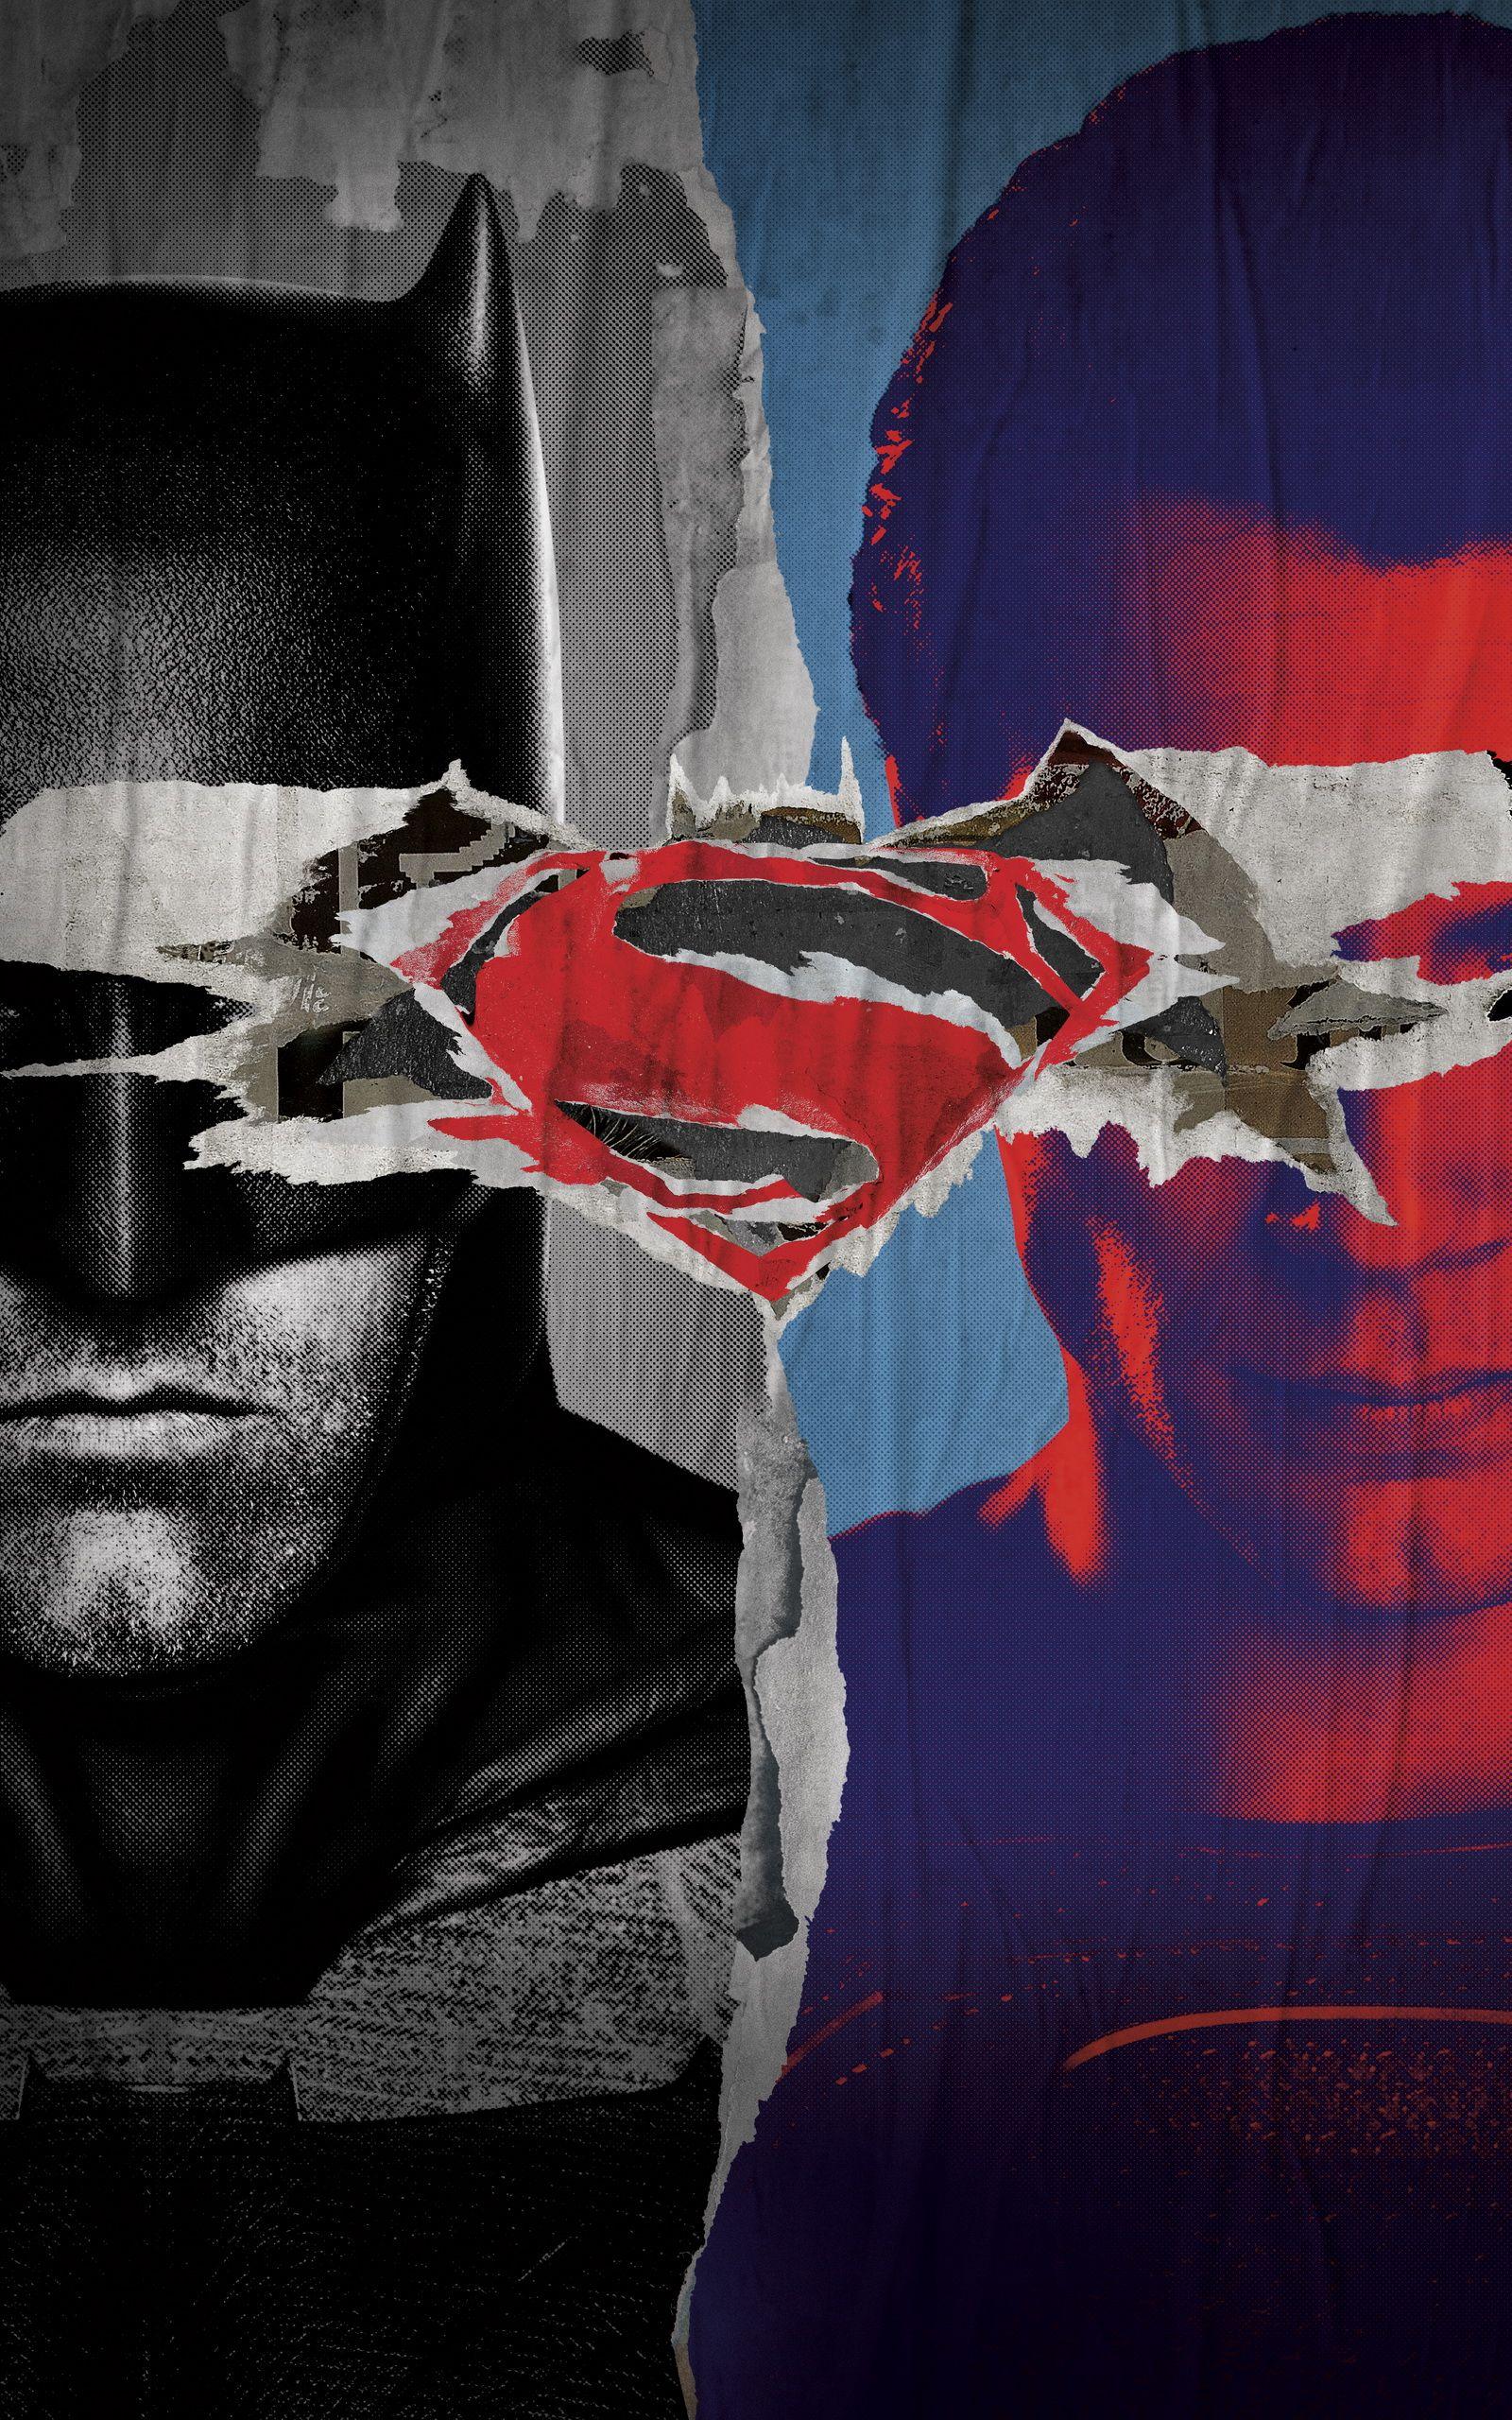 Batman Vs Superman Wallpapers Top Free - Batman V Superman Wallpaper Mobile , HD Wallpaper & Backgrounds